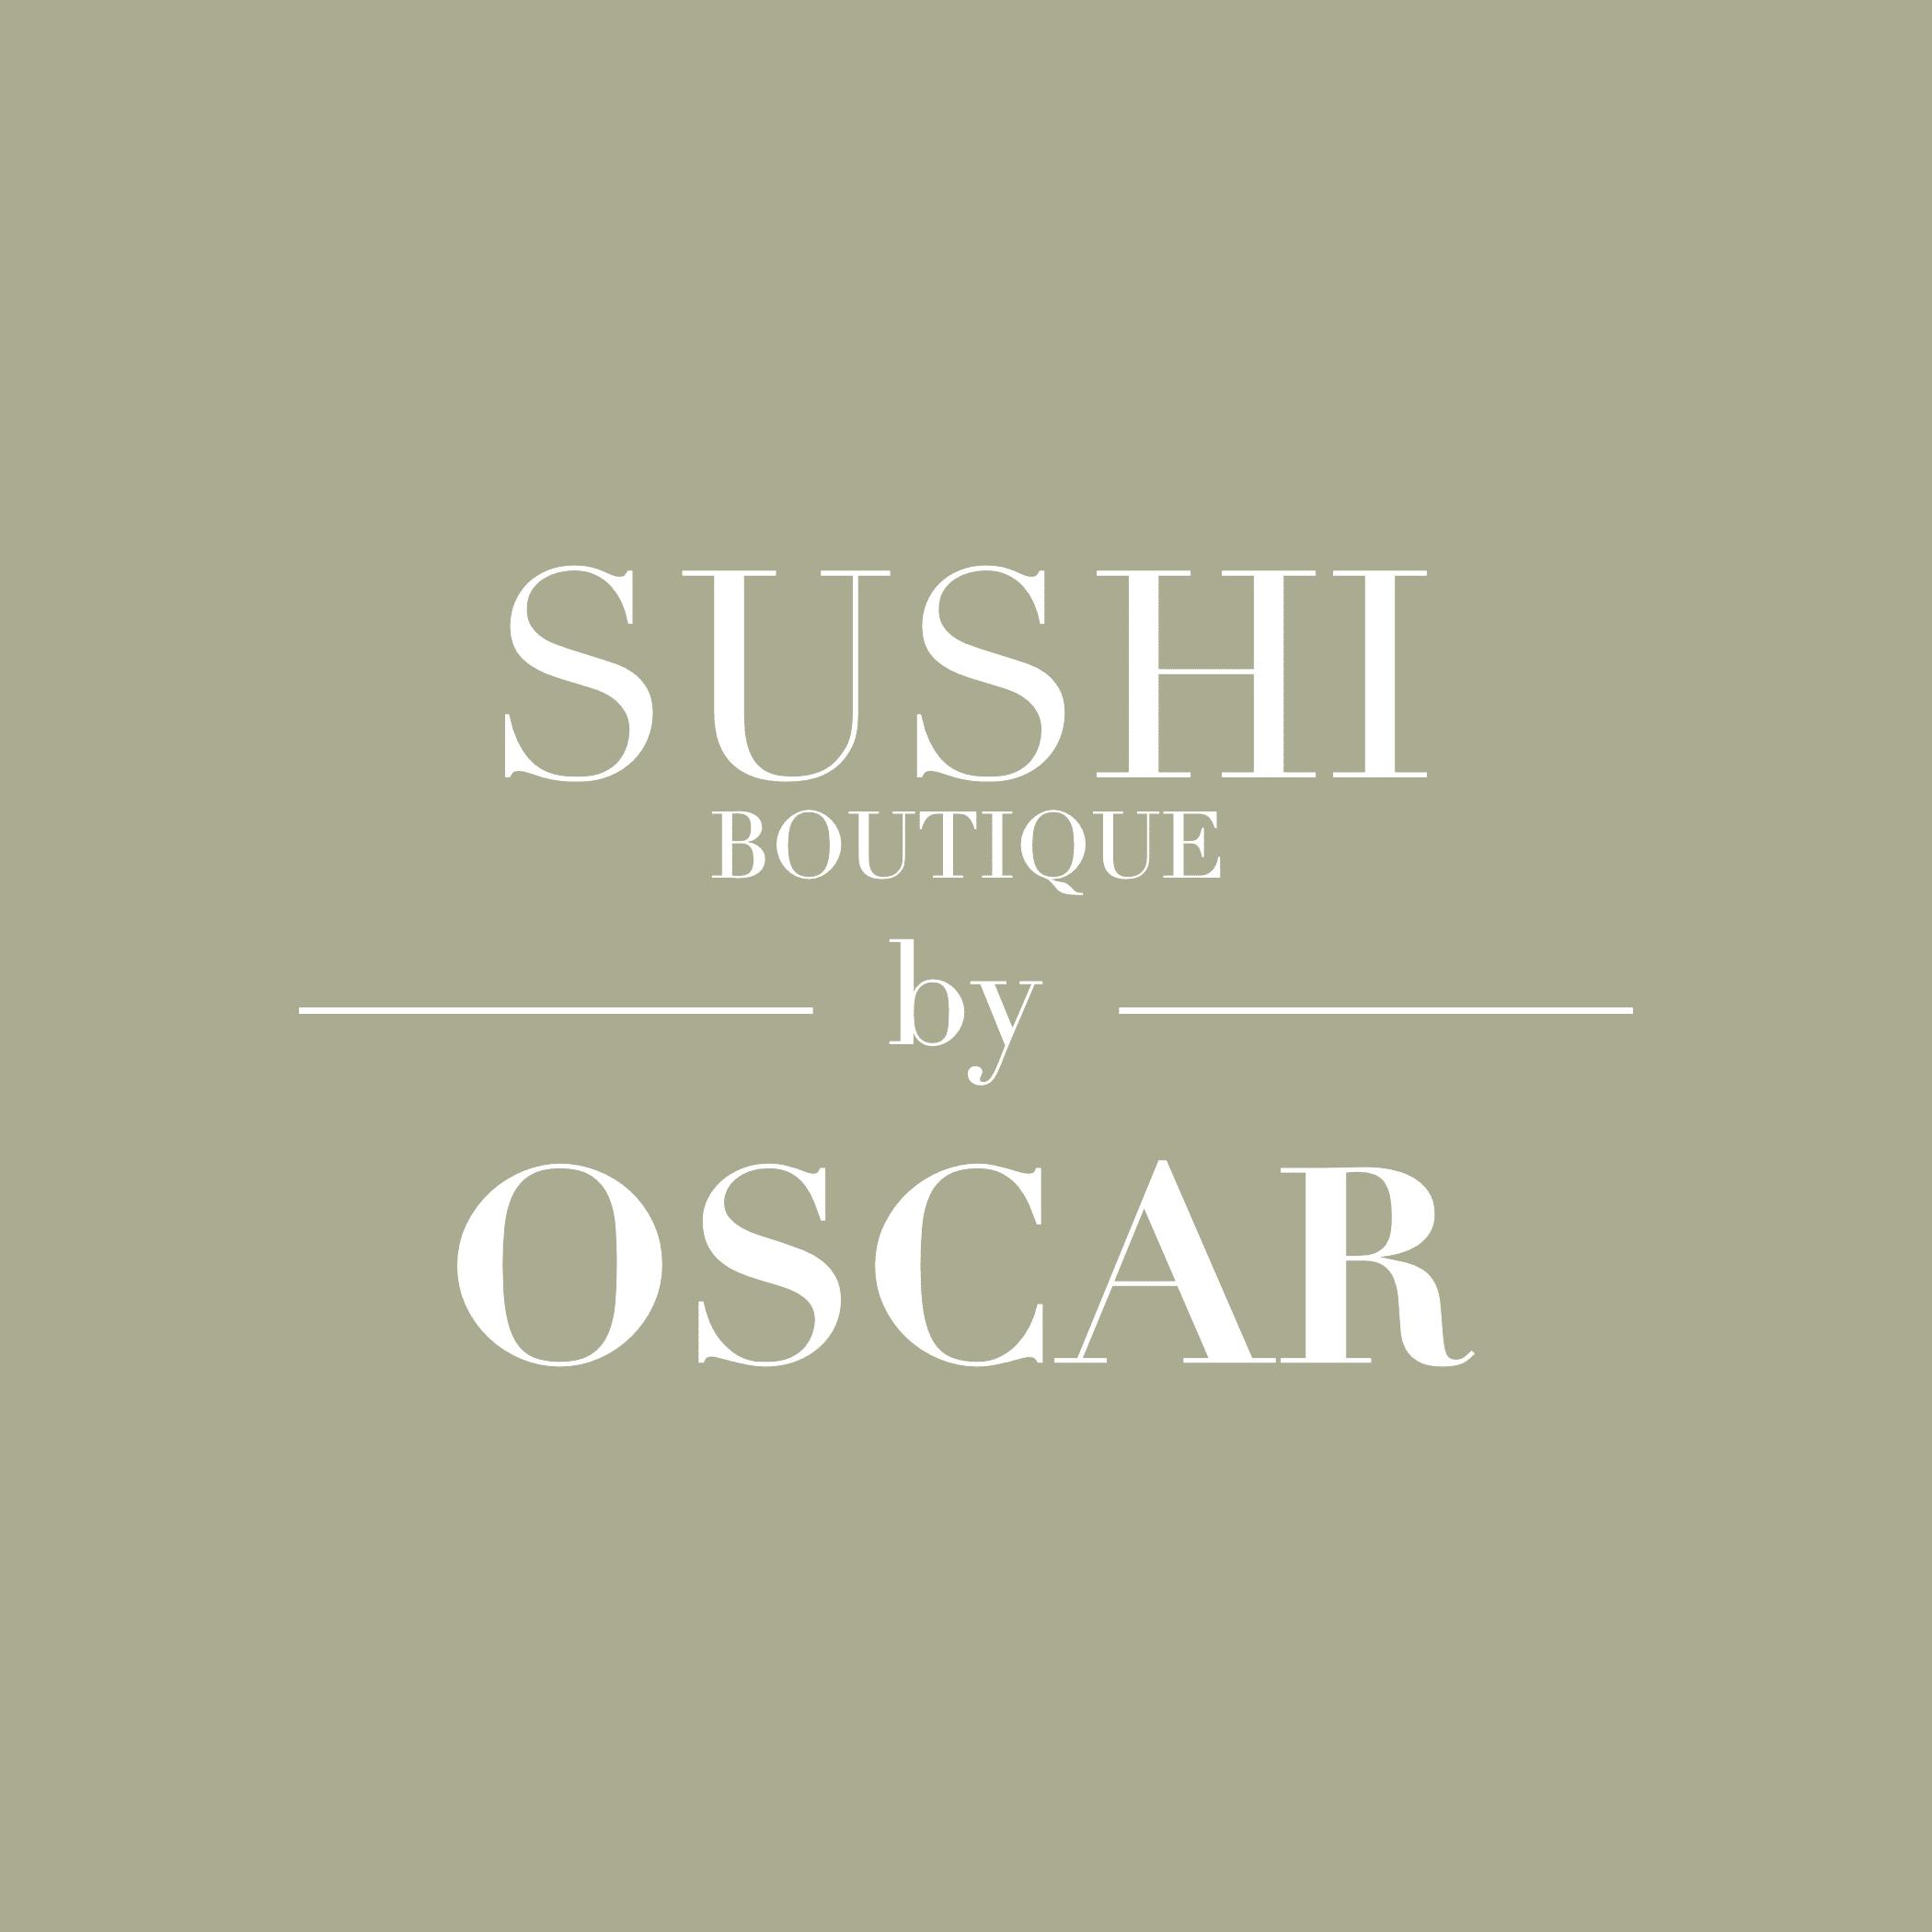 SUSHI BOUTIQUE by OSCAR Logo mit gruenem Hintergrund